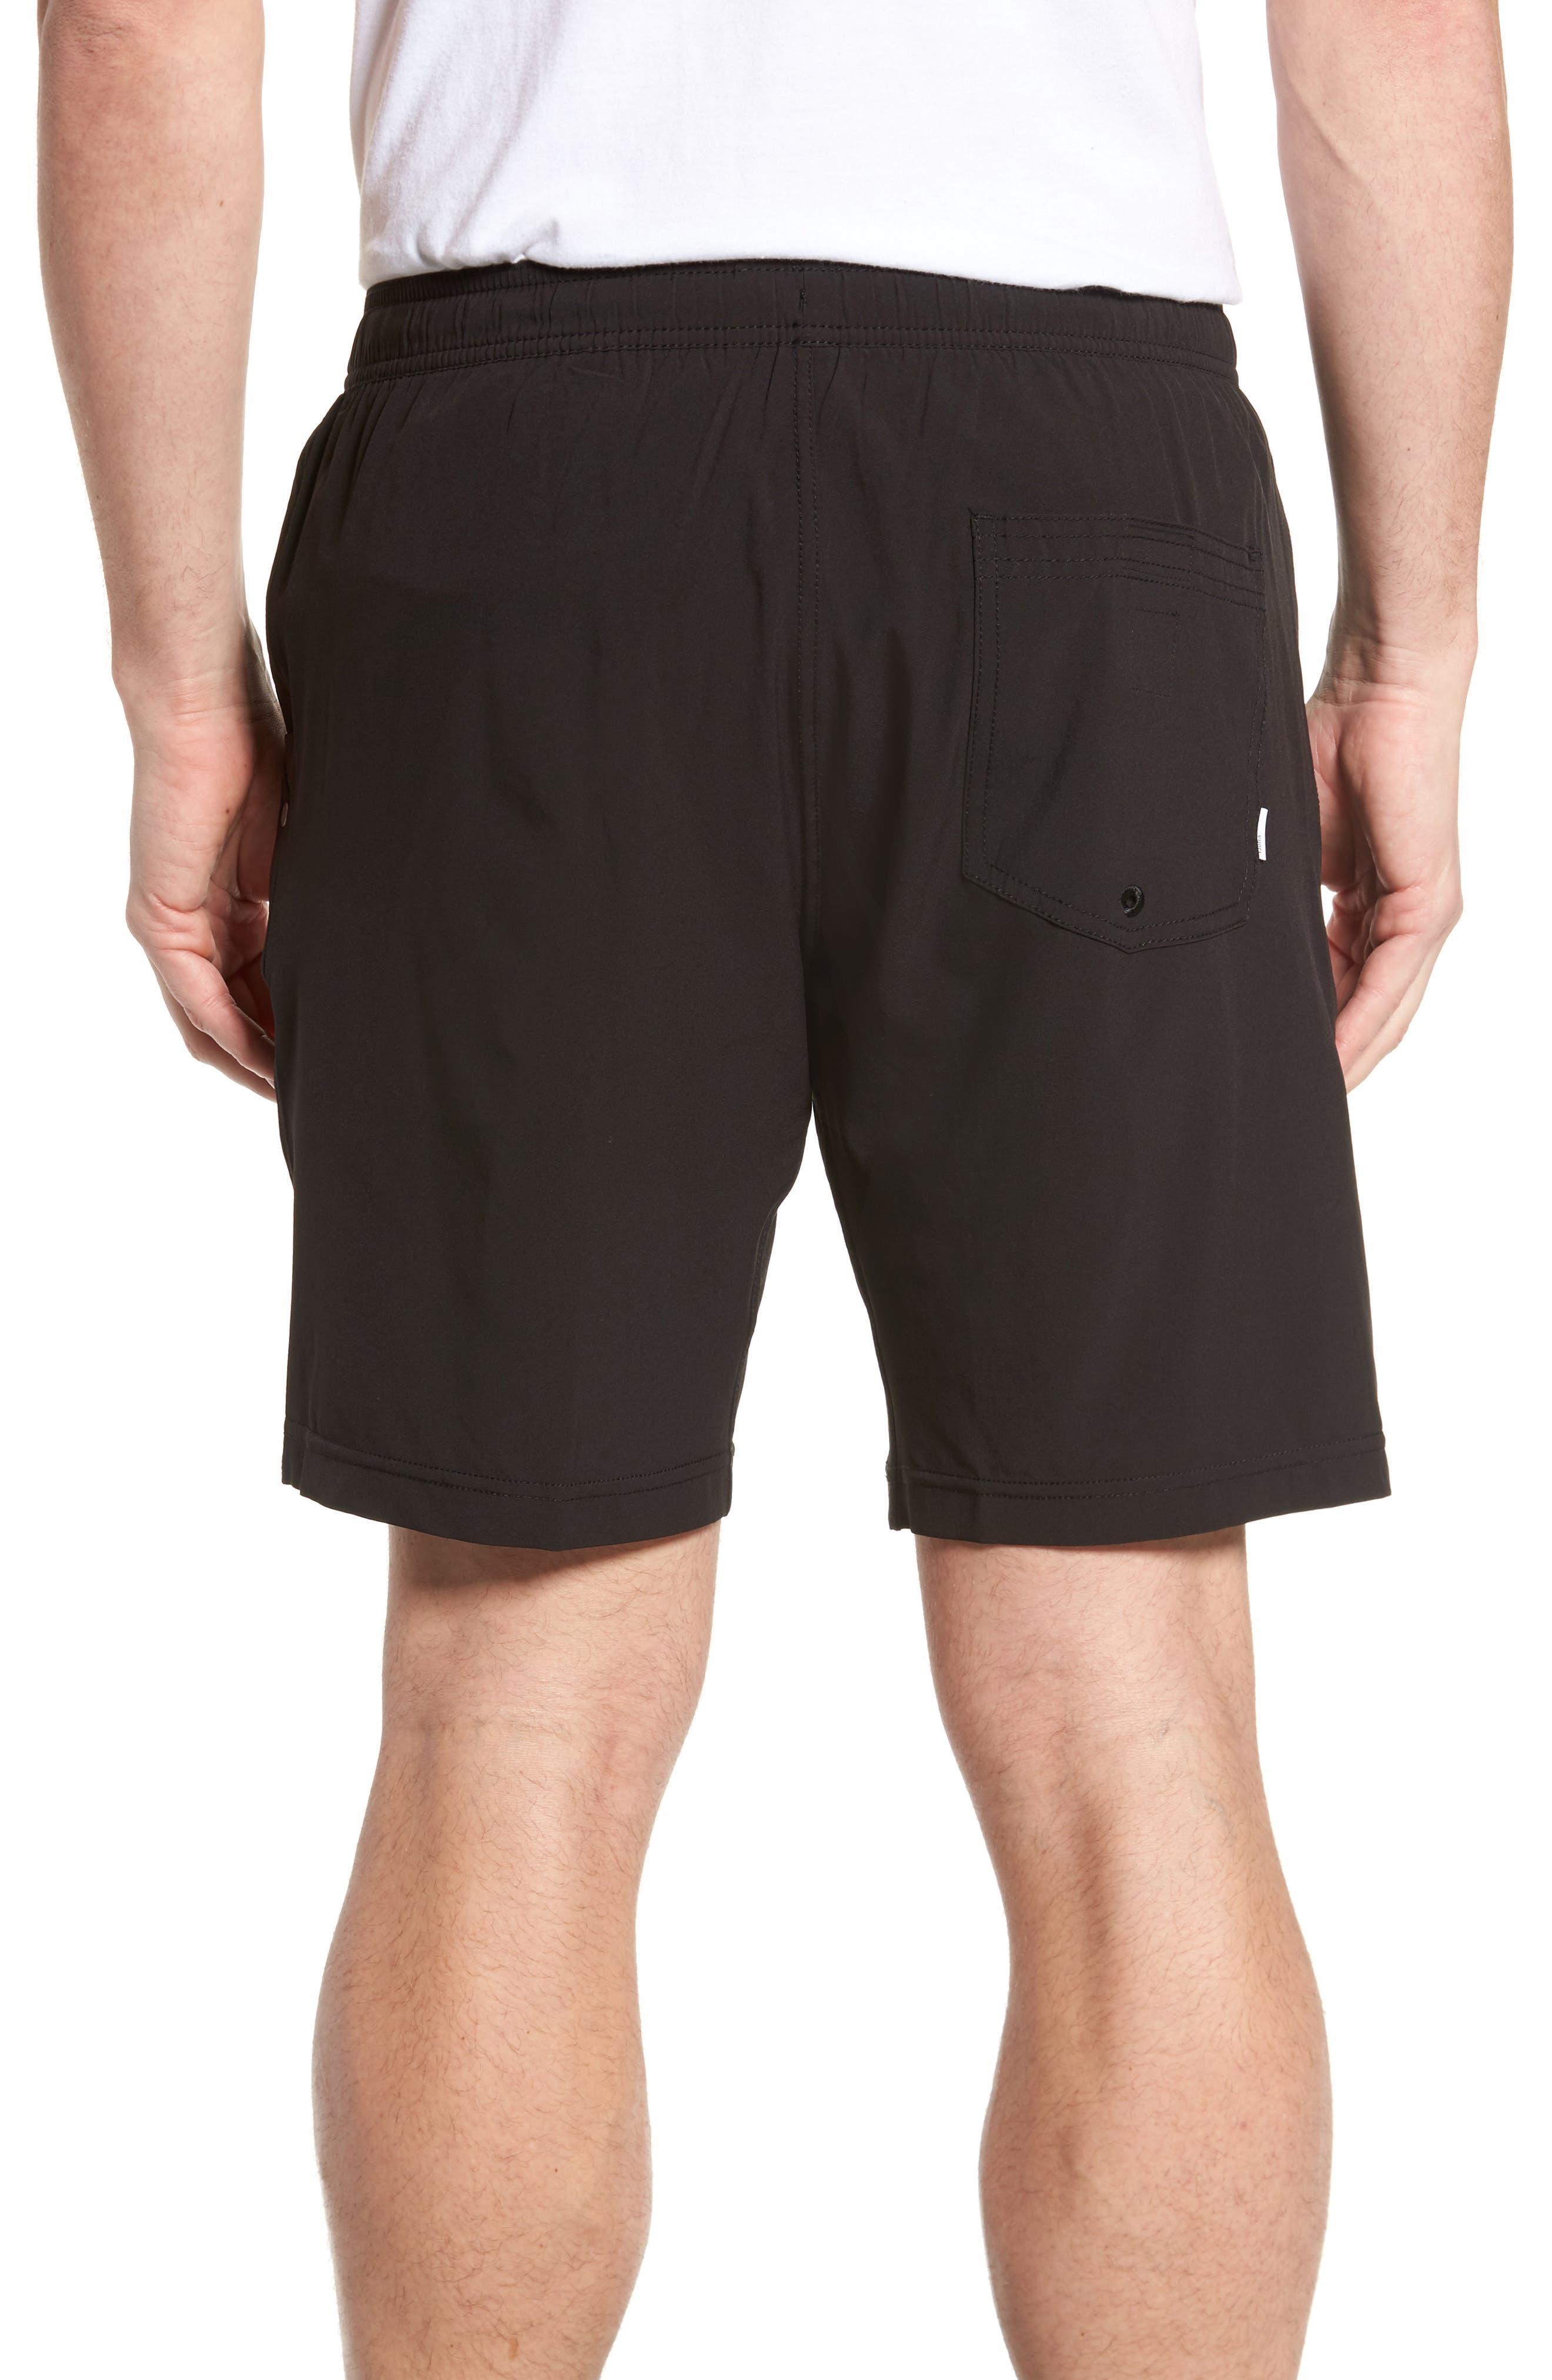 Kore Shorts,                             Alternate thumbnail 2, color,                             001